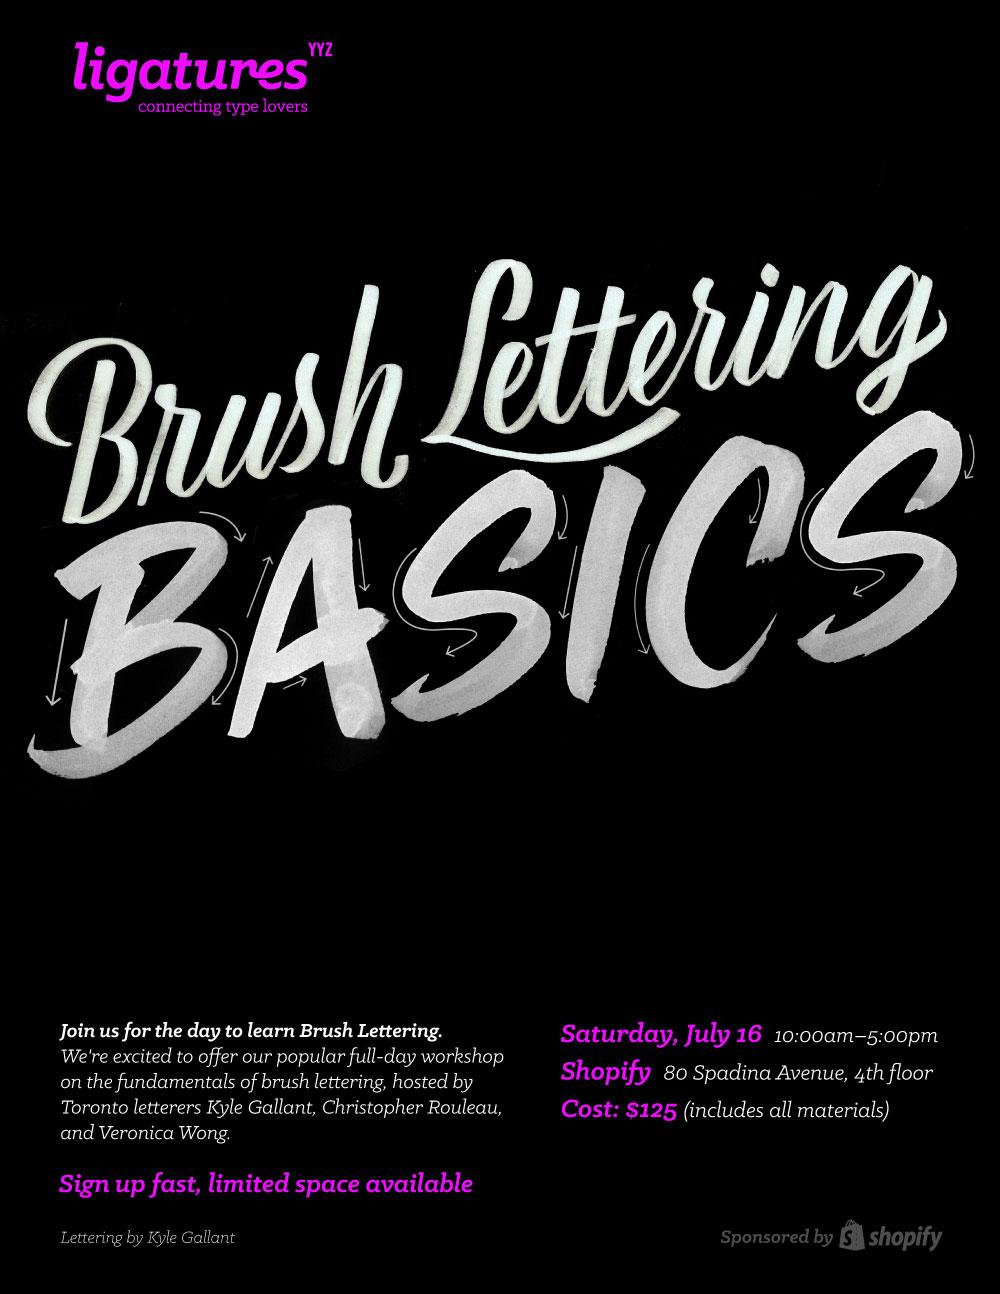 Ligatures Toronto Brush Lettering Workshop